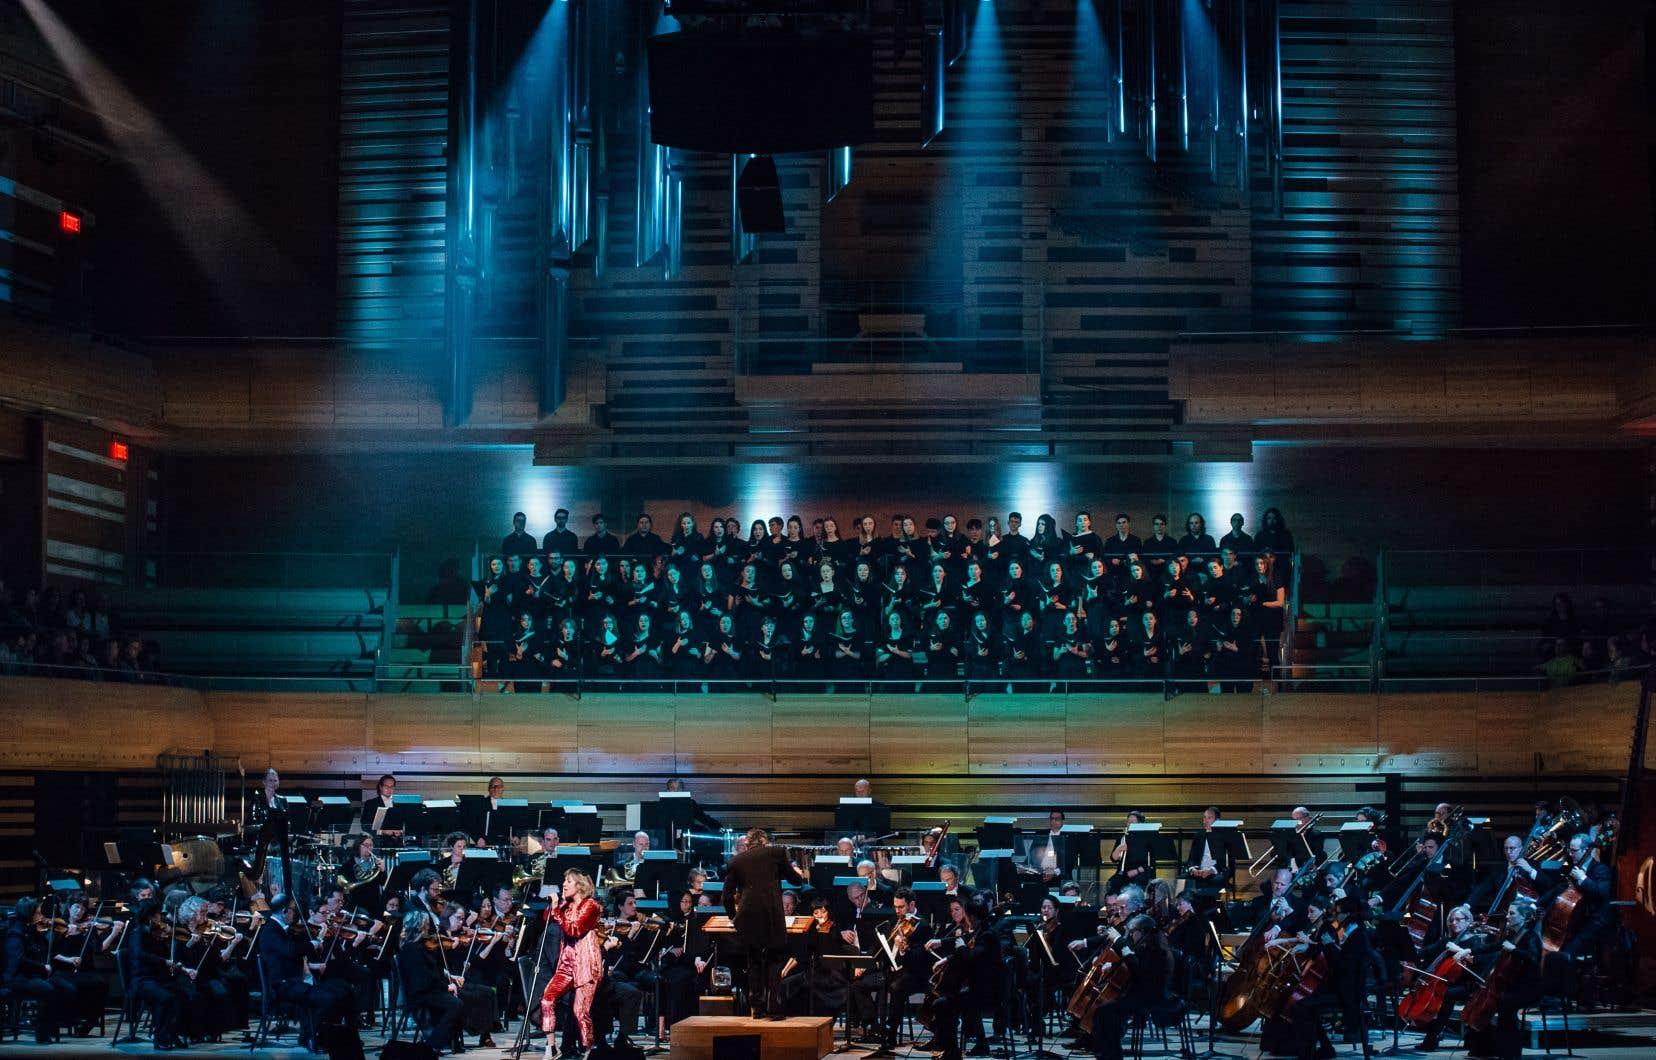 «Heureuse distribution, arrangements idoines, mise en scène simple mais au focus bien net, direction sobre», décrit Sylvain Cormier à propos du spectacle«Plamondon symphonique».